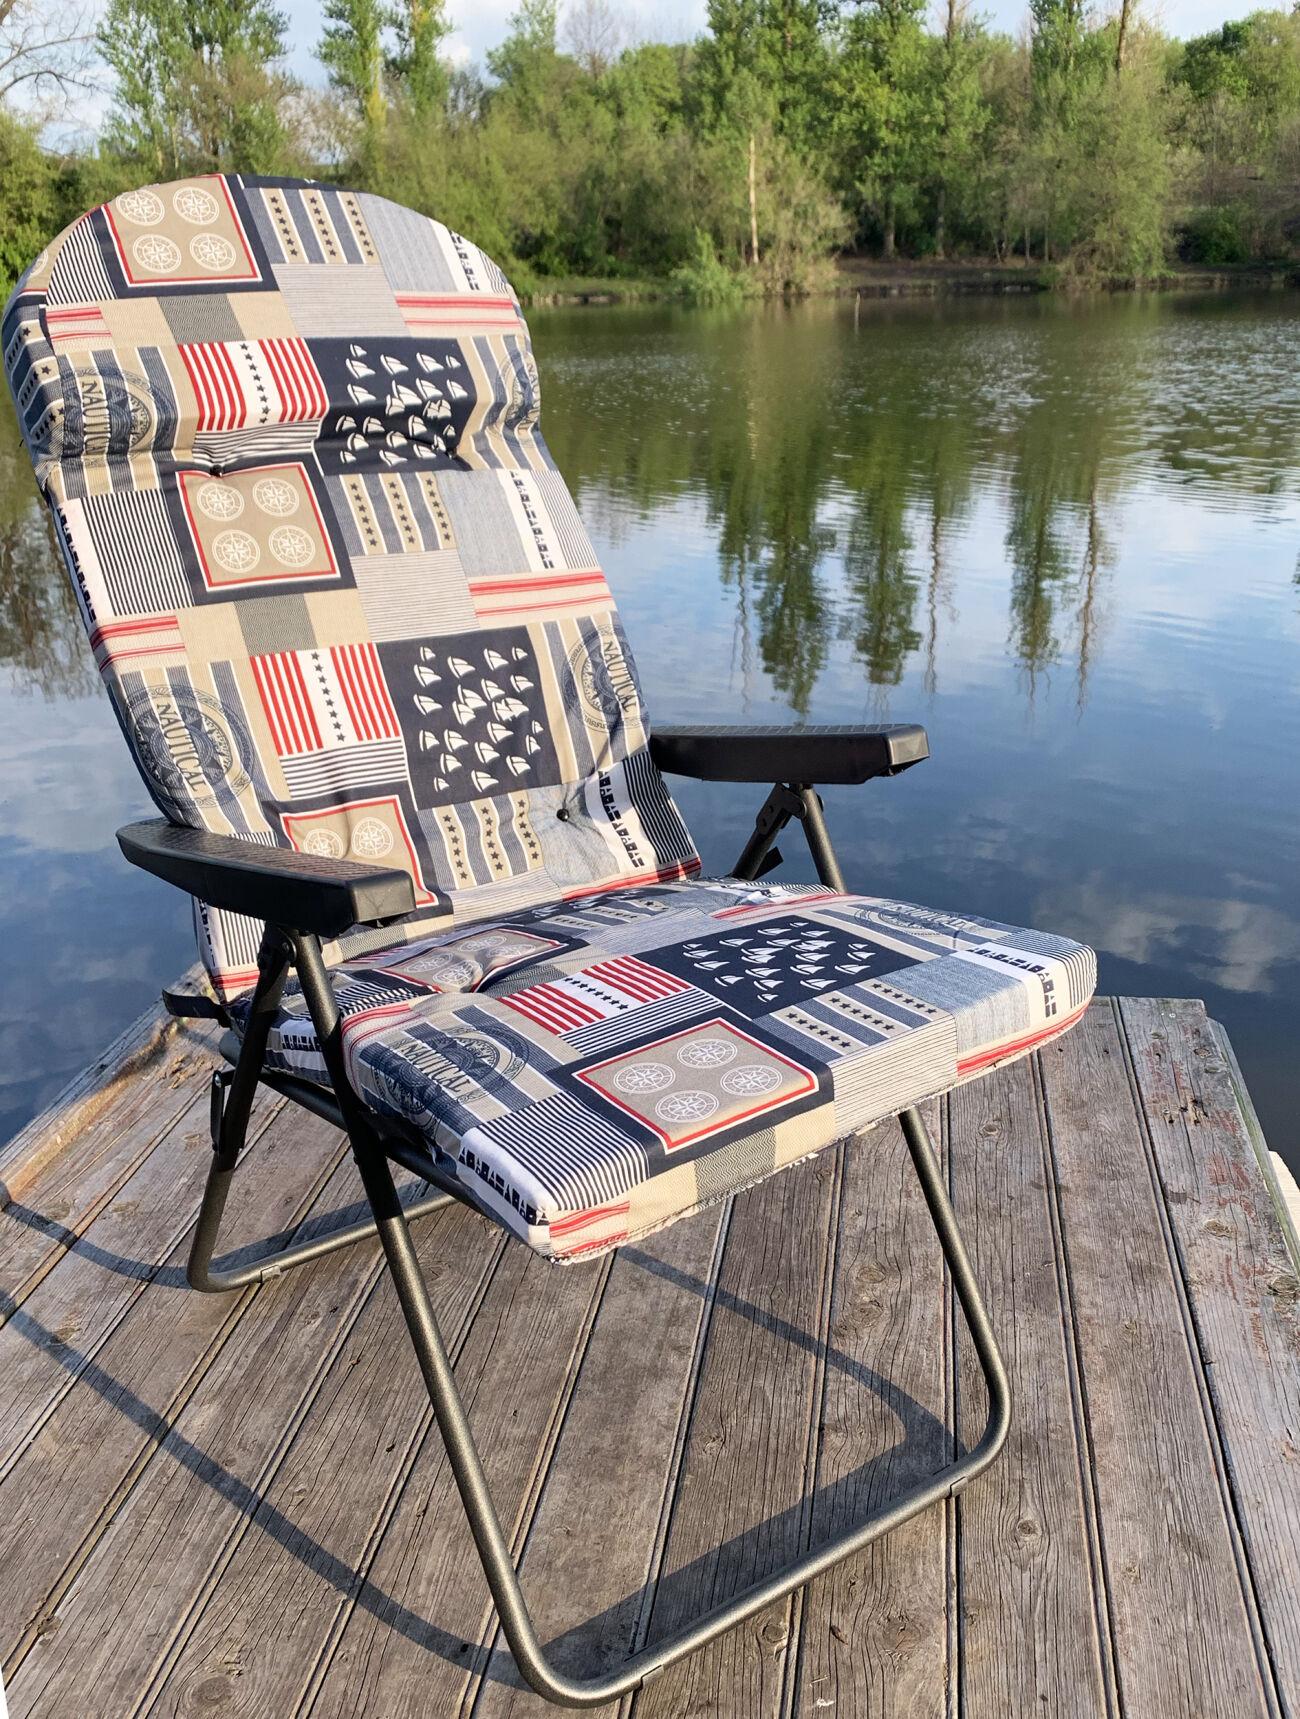 Шезлонг «Mavens F2» - идеальное кресло-шезлонг для отдыха на природе.